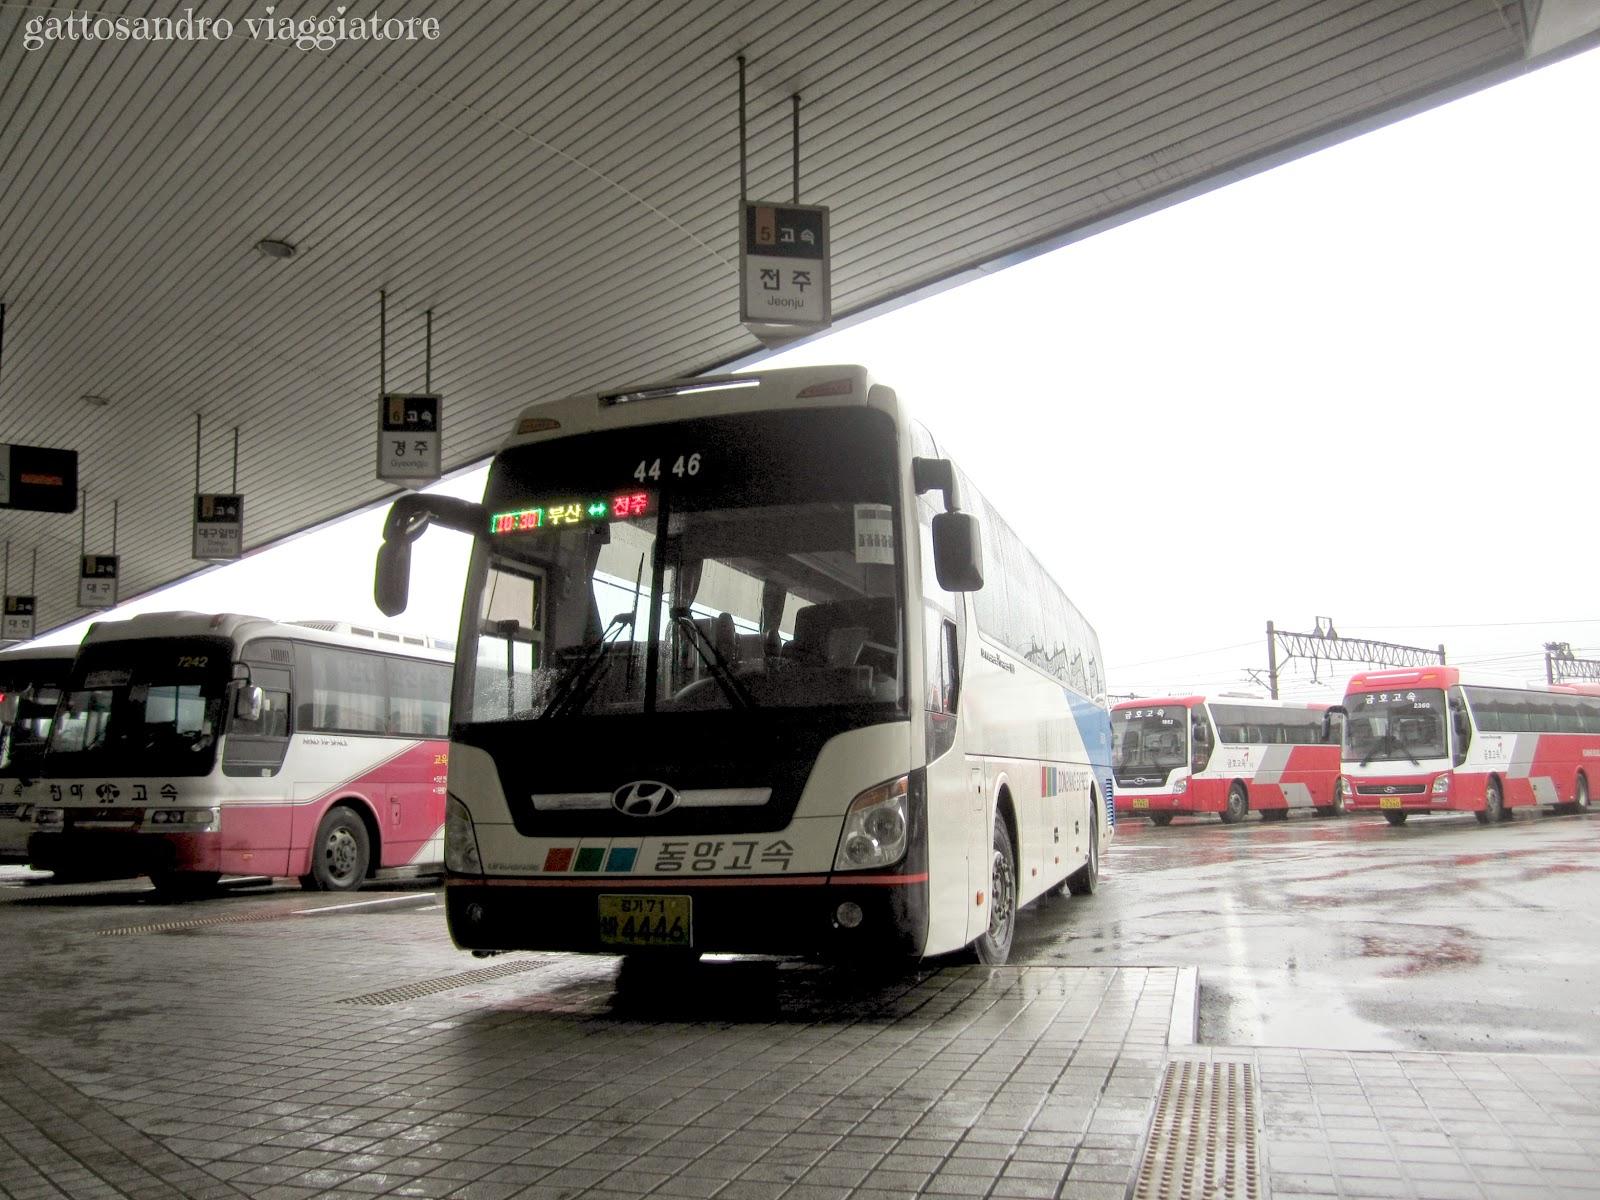 Stazione Autobus Busan